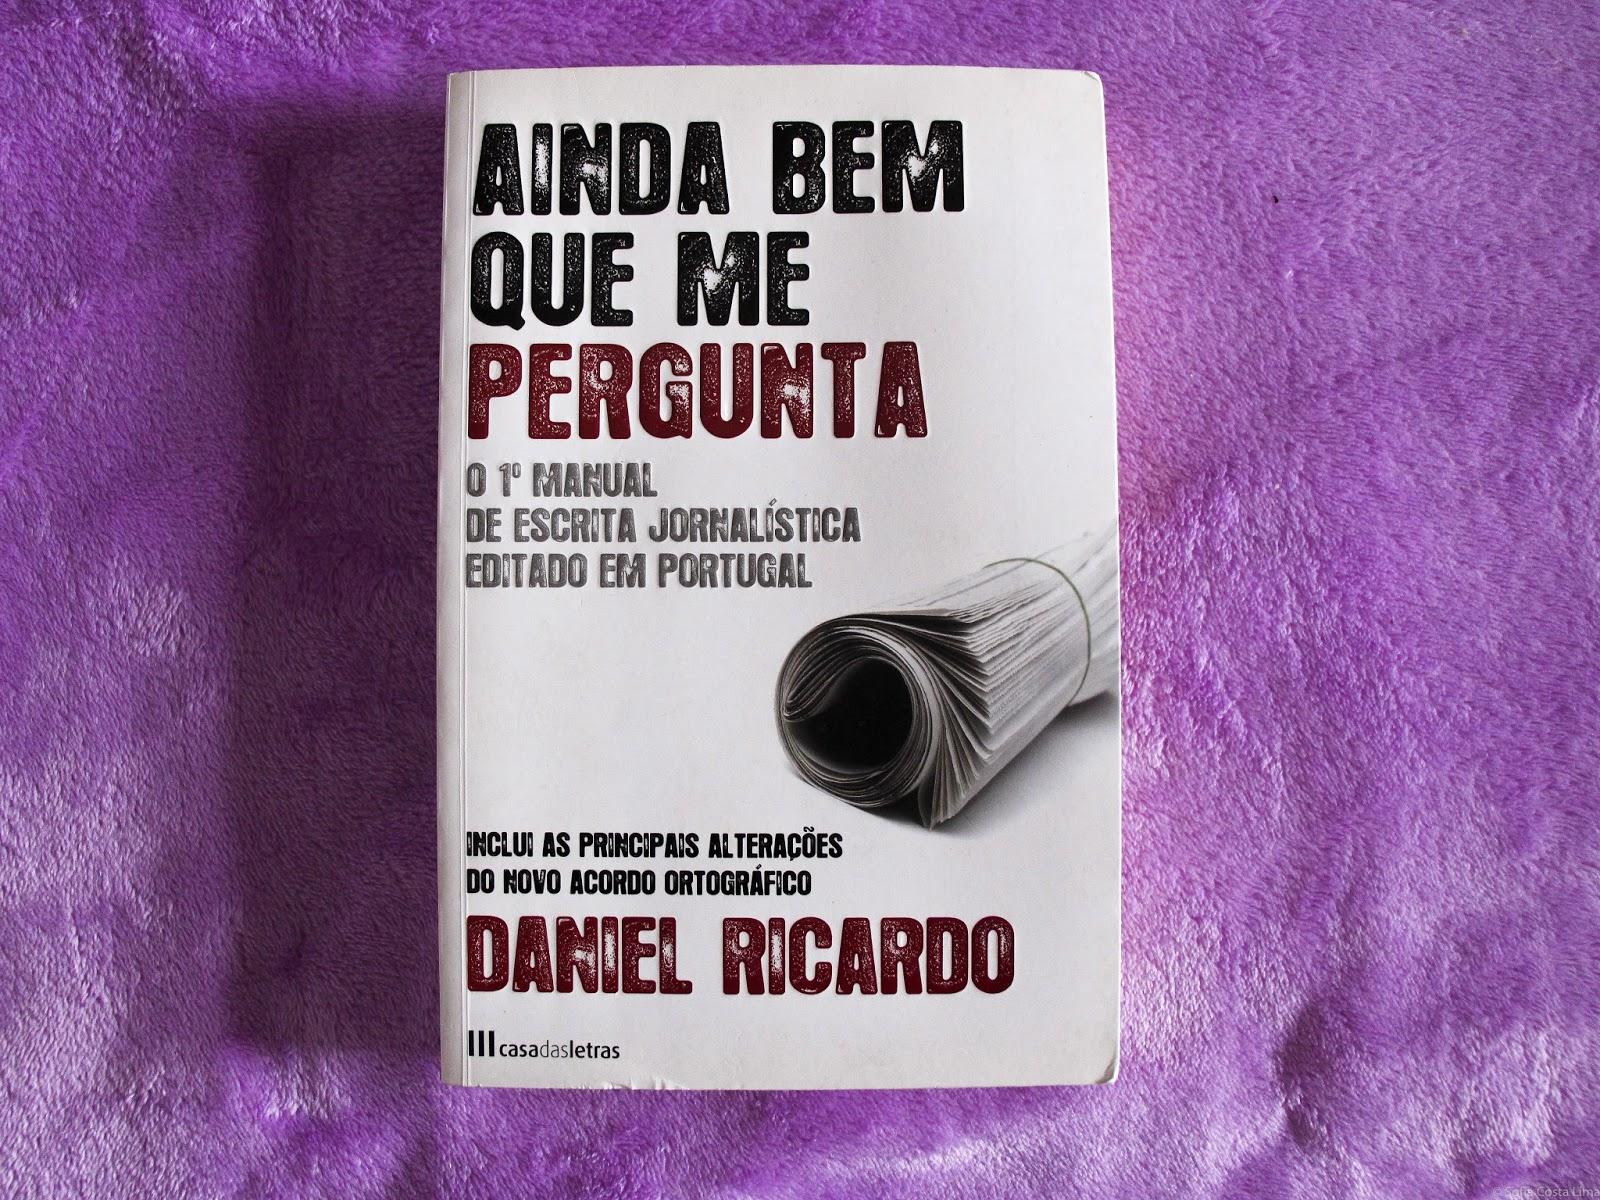 Ainda bem que me pergunta - Daniel Ricardo